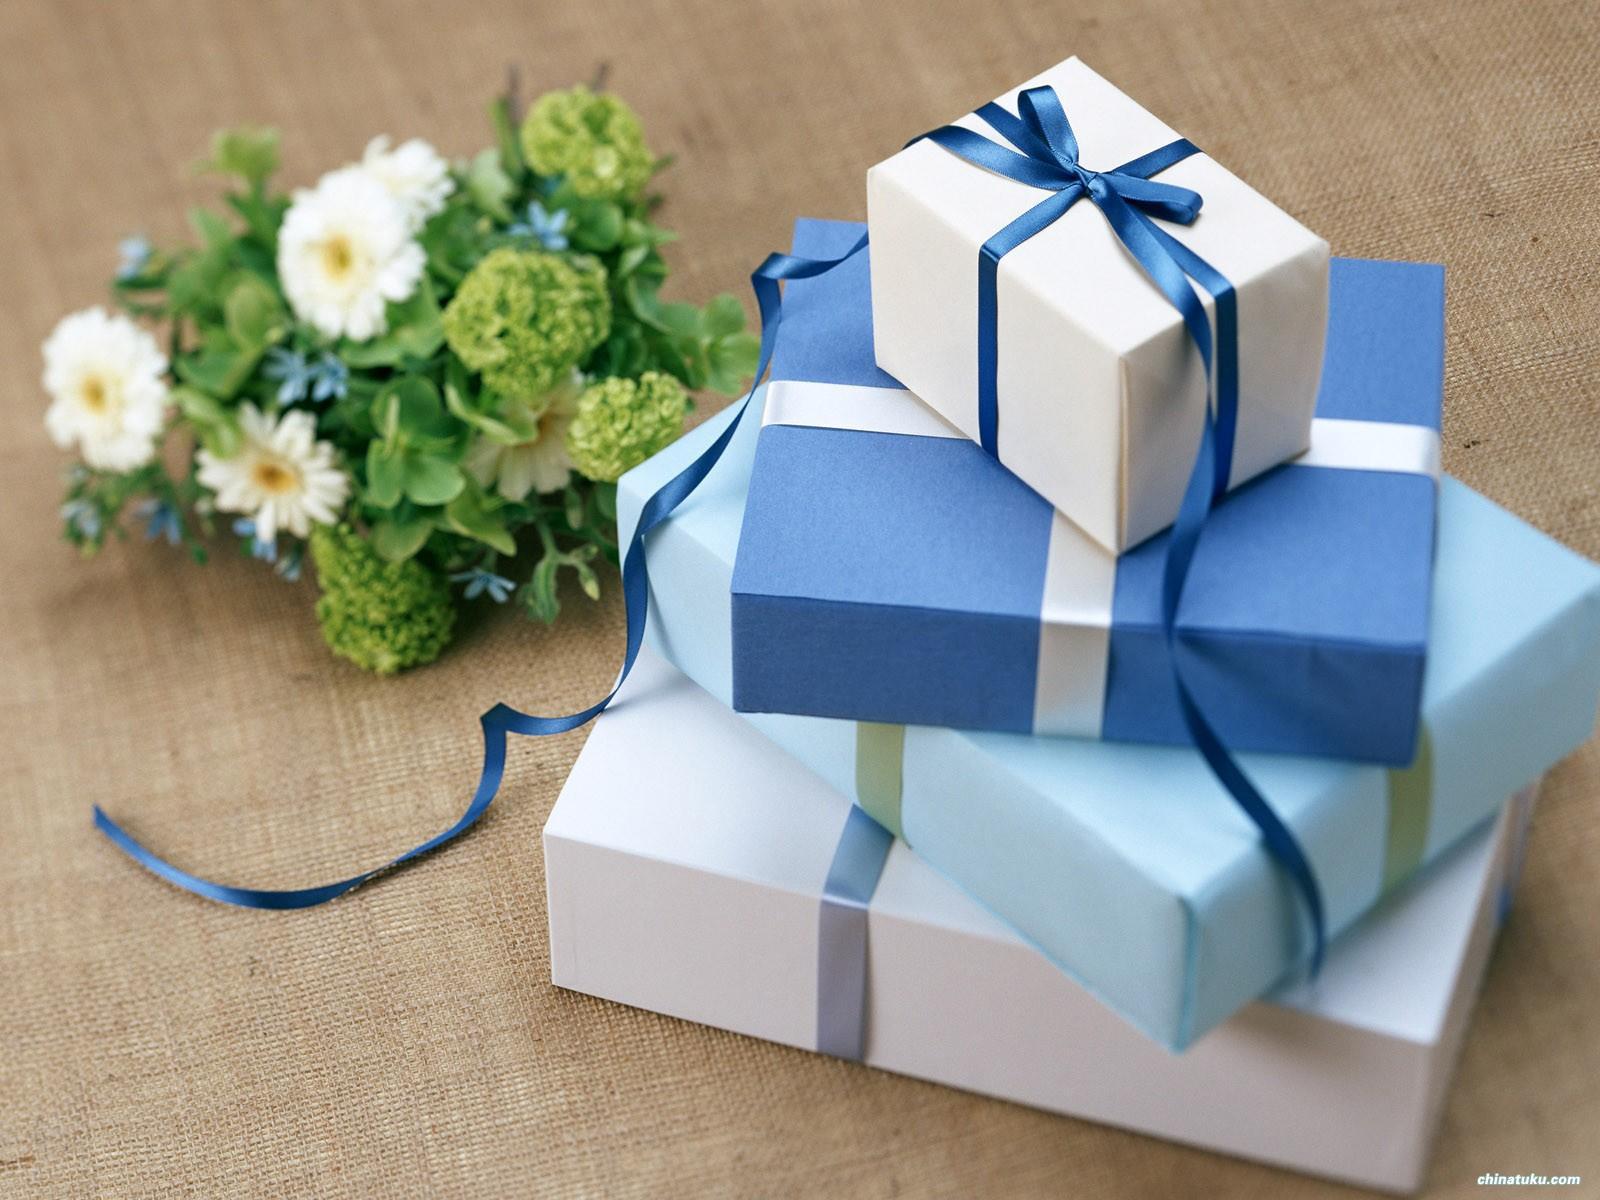 Quà tặng sinh nhật bạn trai đáng nhớ